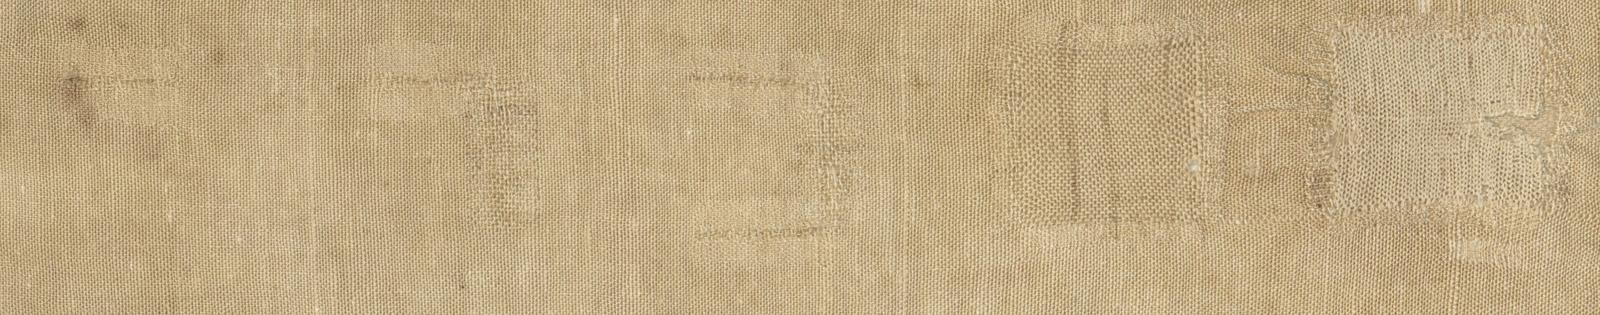 Detail of white mends in darning sampler.